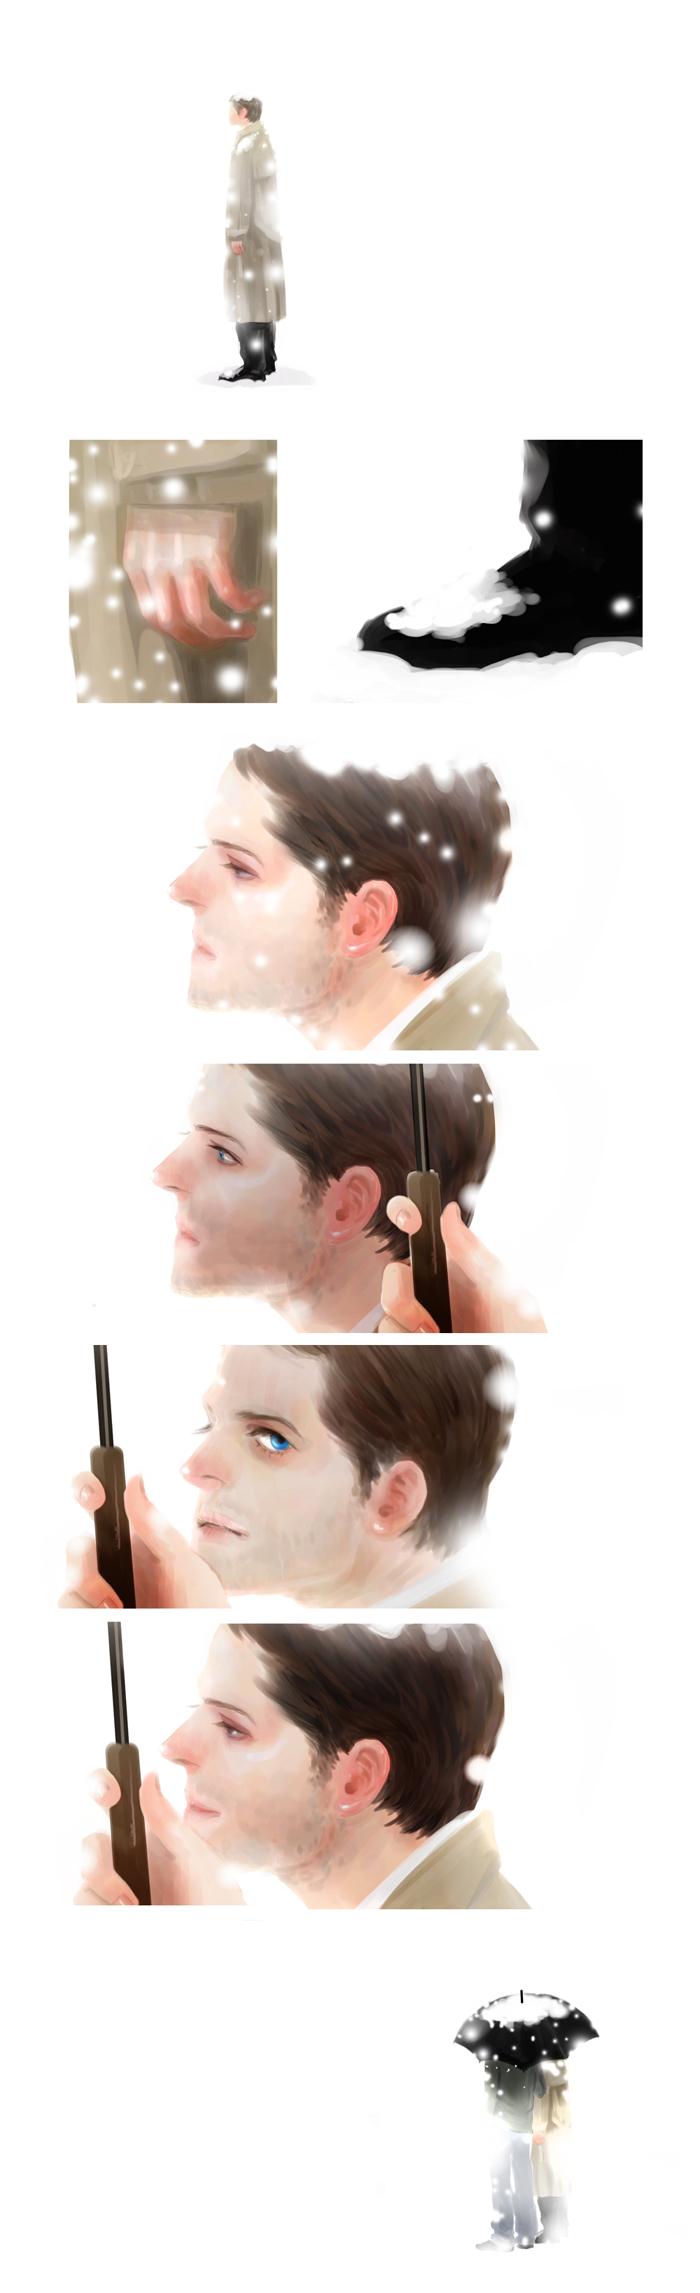 snow by sweetdari